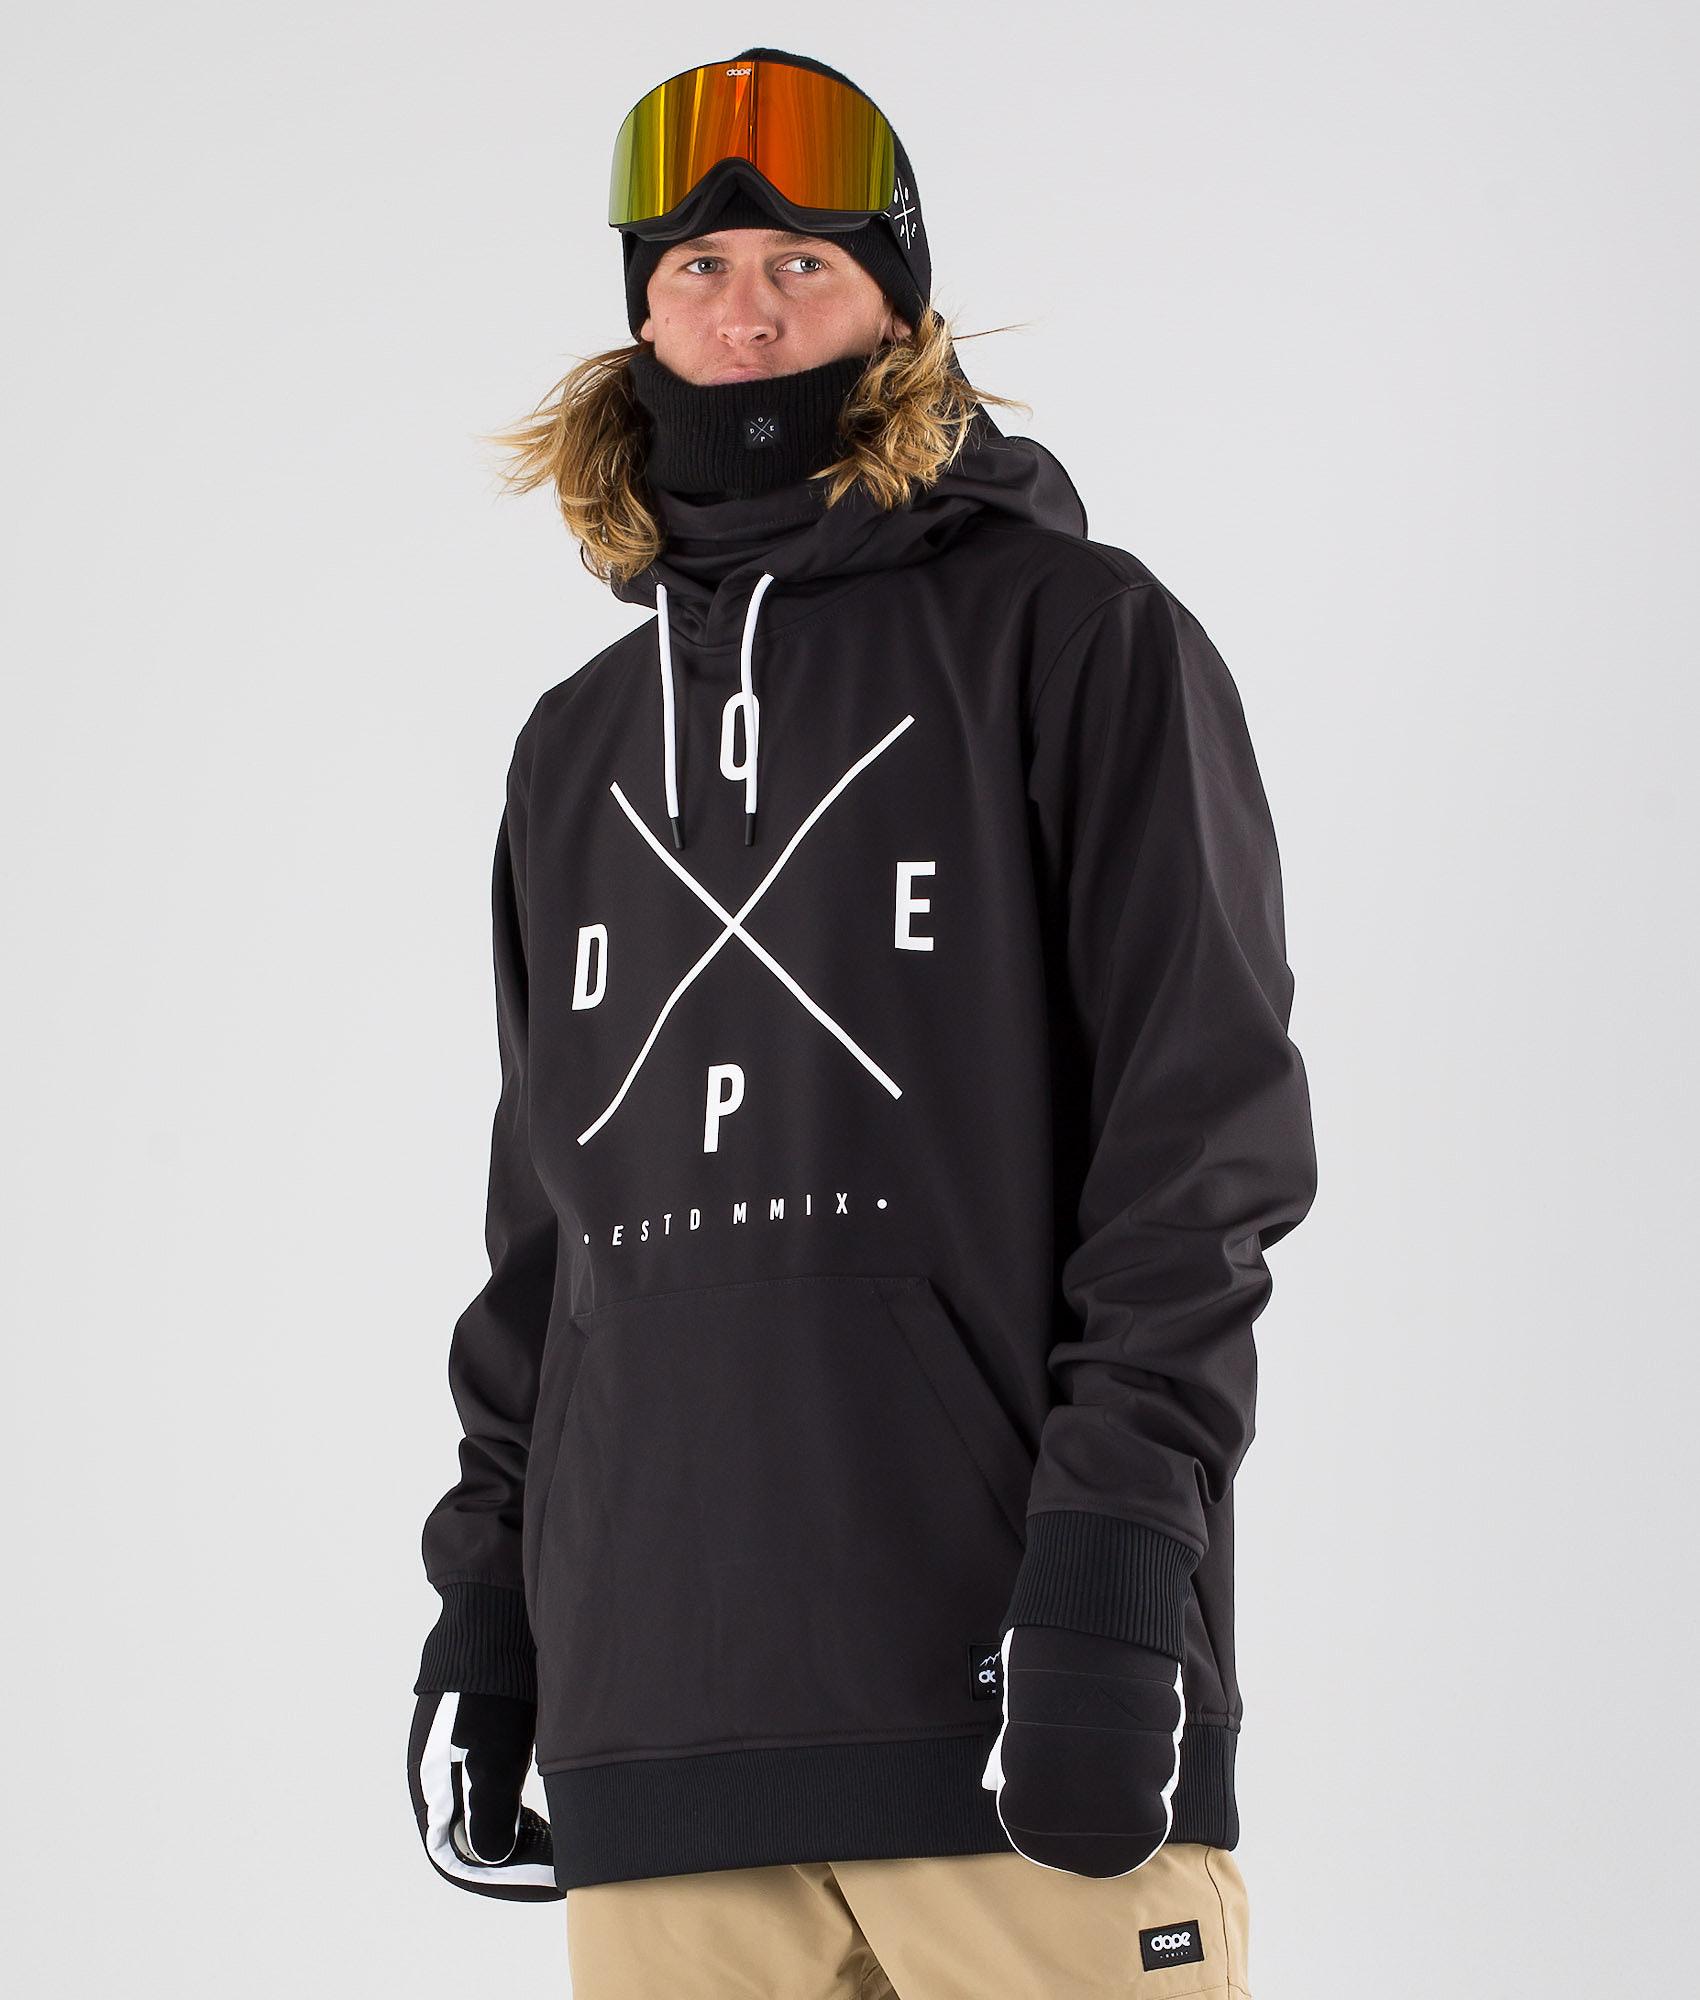 sélection premium 69ee4 d3038 Vestes Snowboard Homme   Livraison Gratuite   RIDESTORE